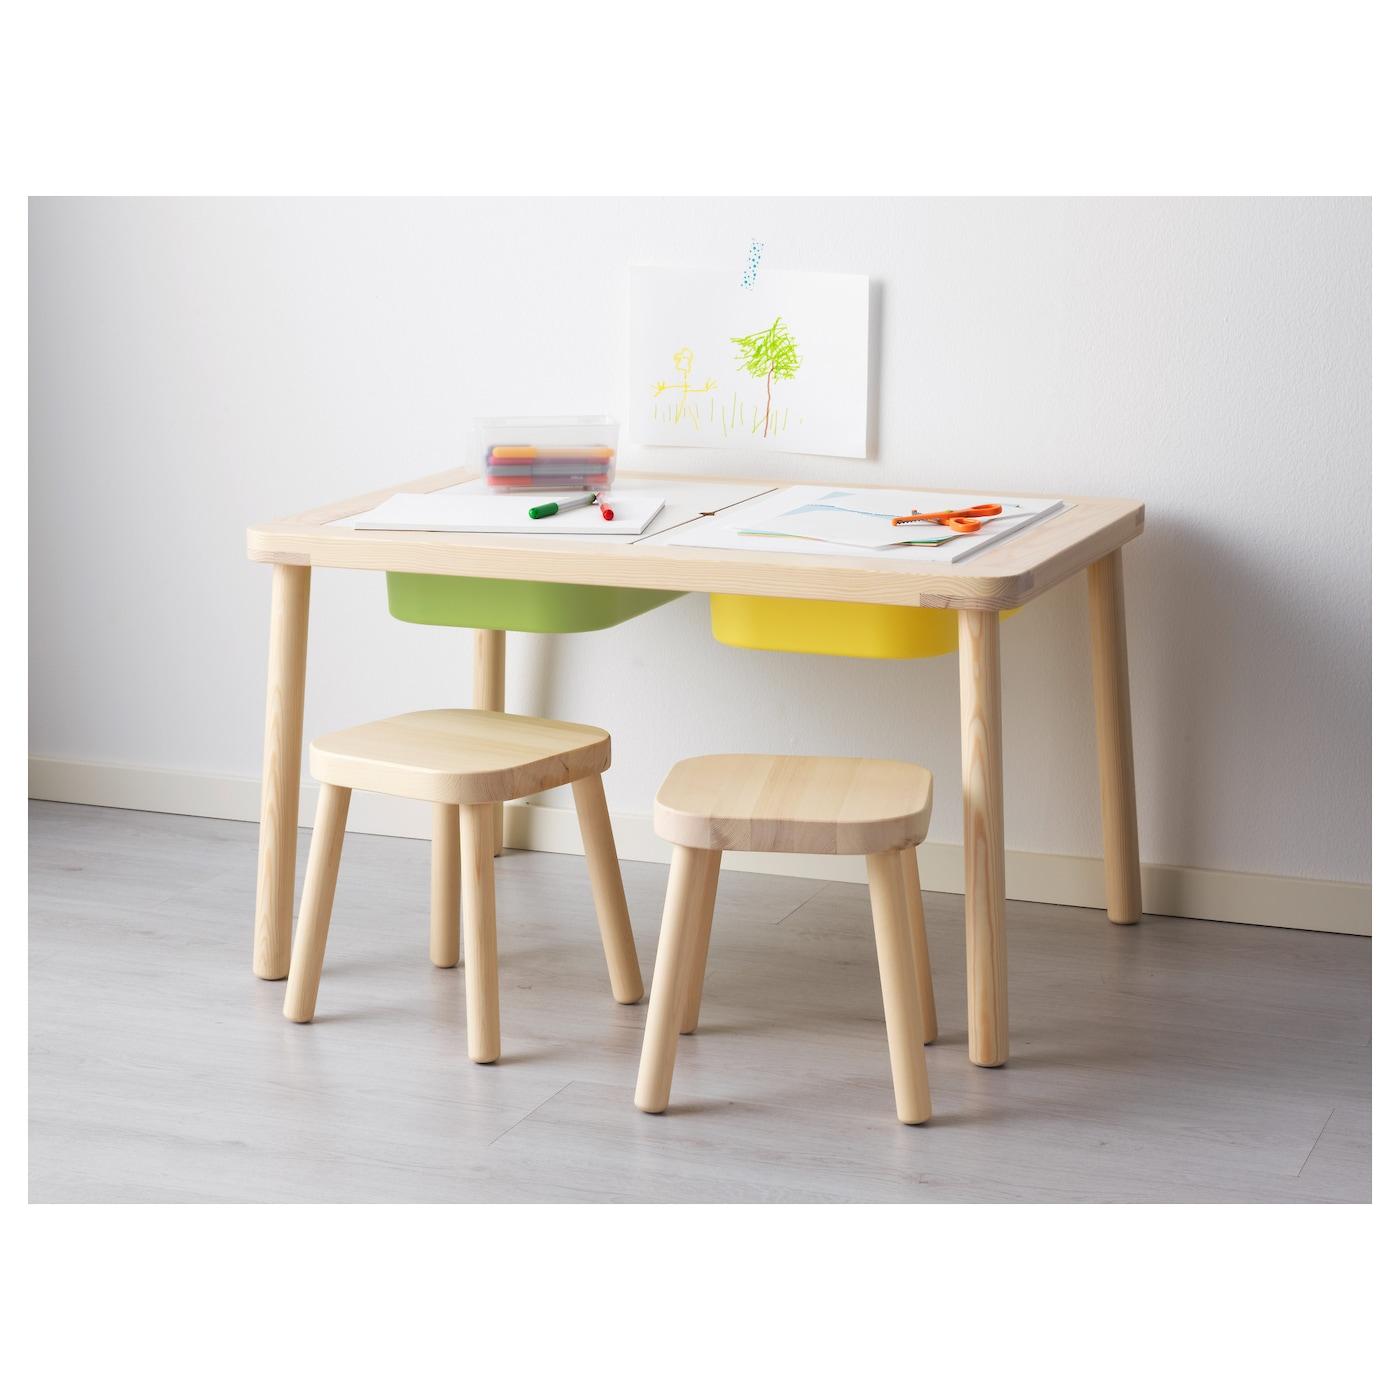 FLISAT Children's table 83x58 cm